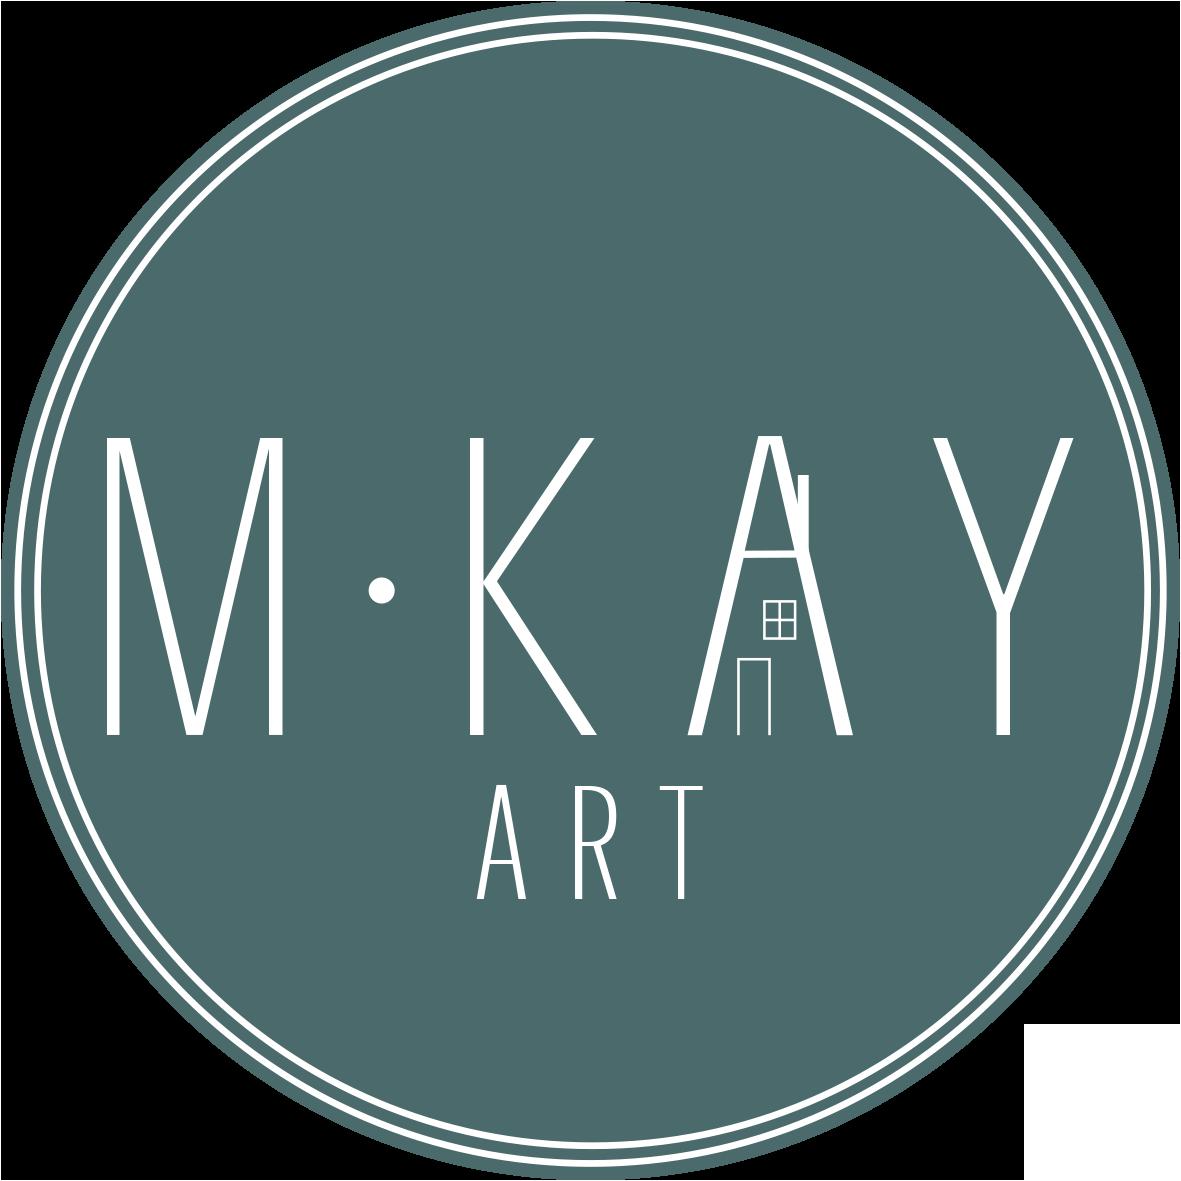 MKay art